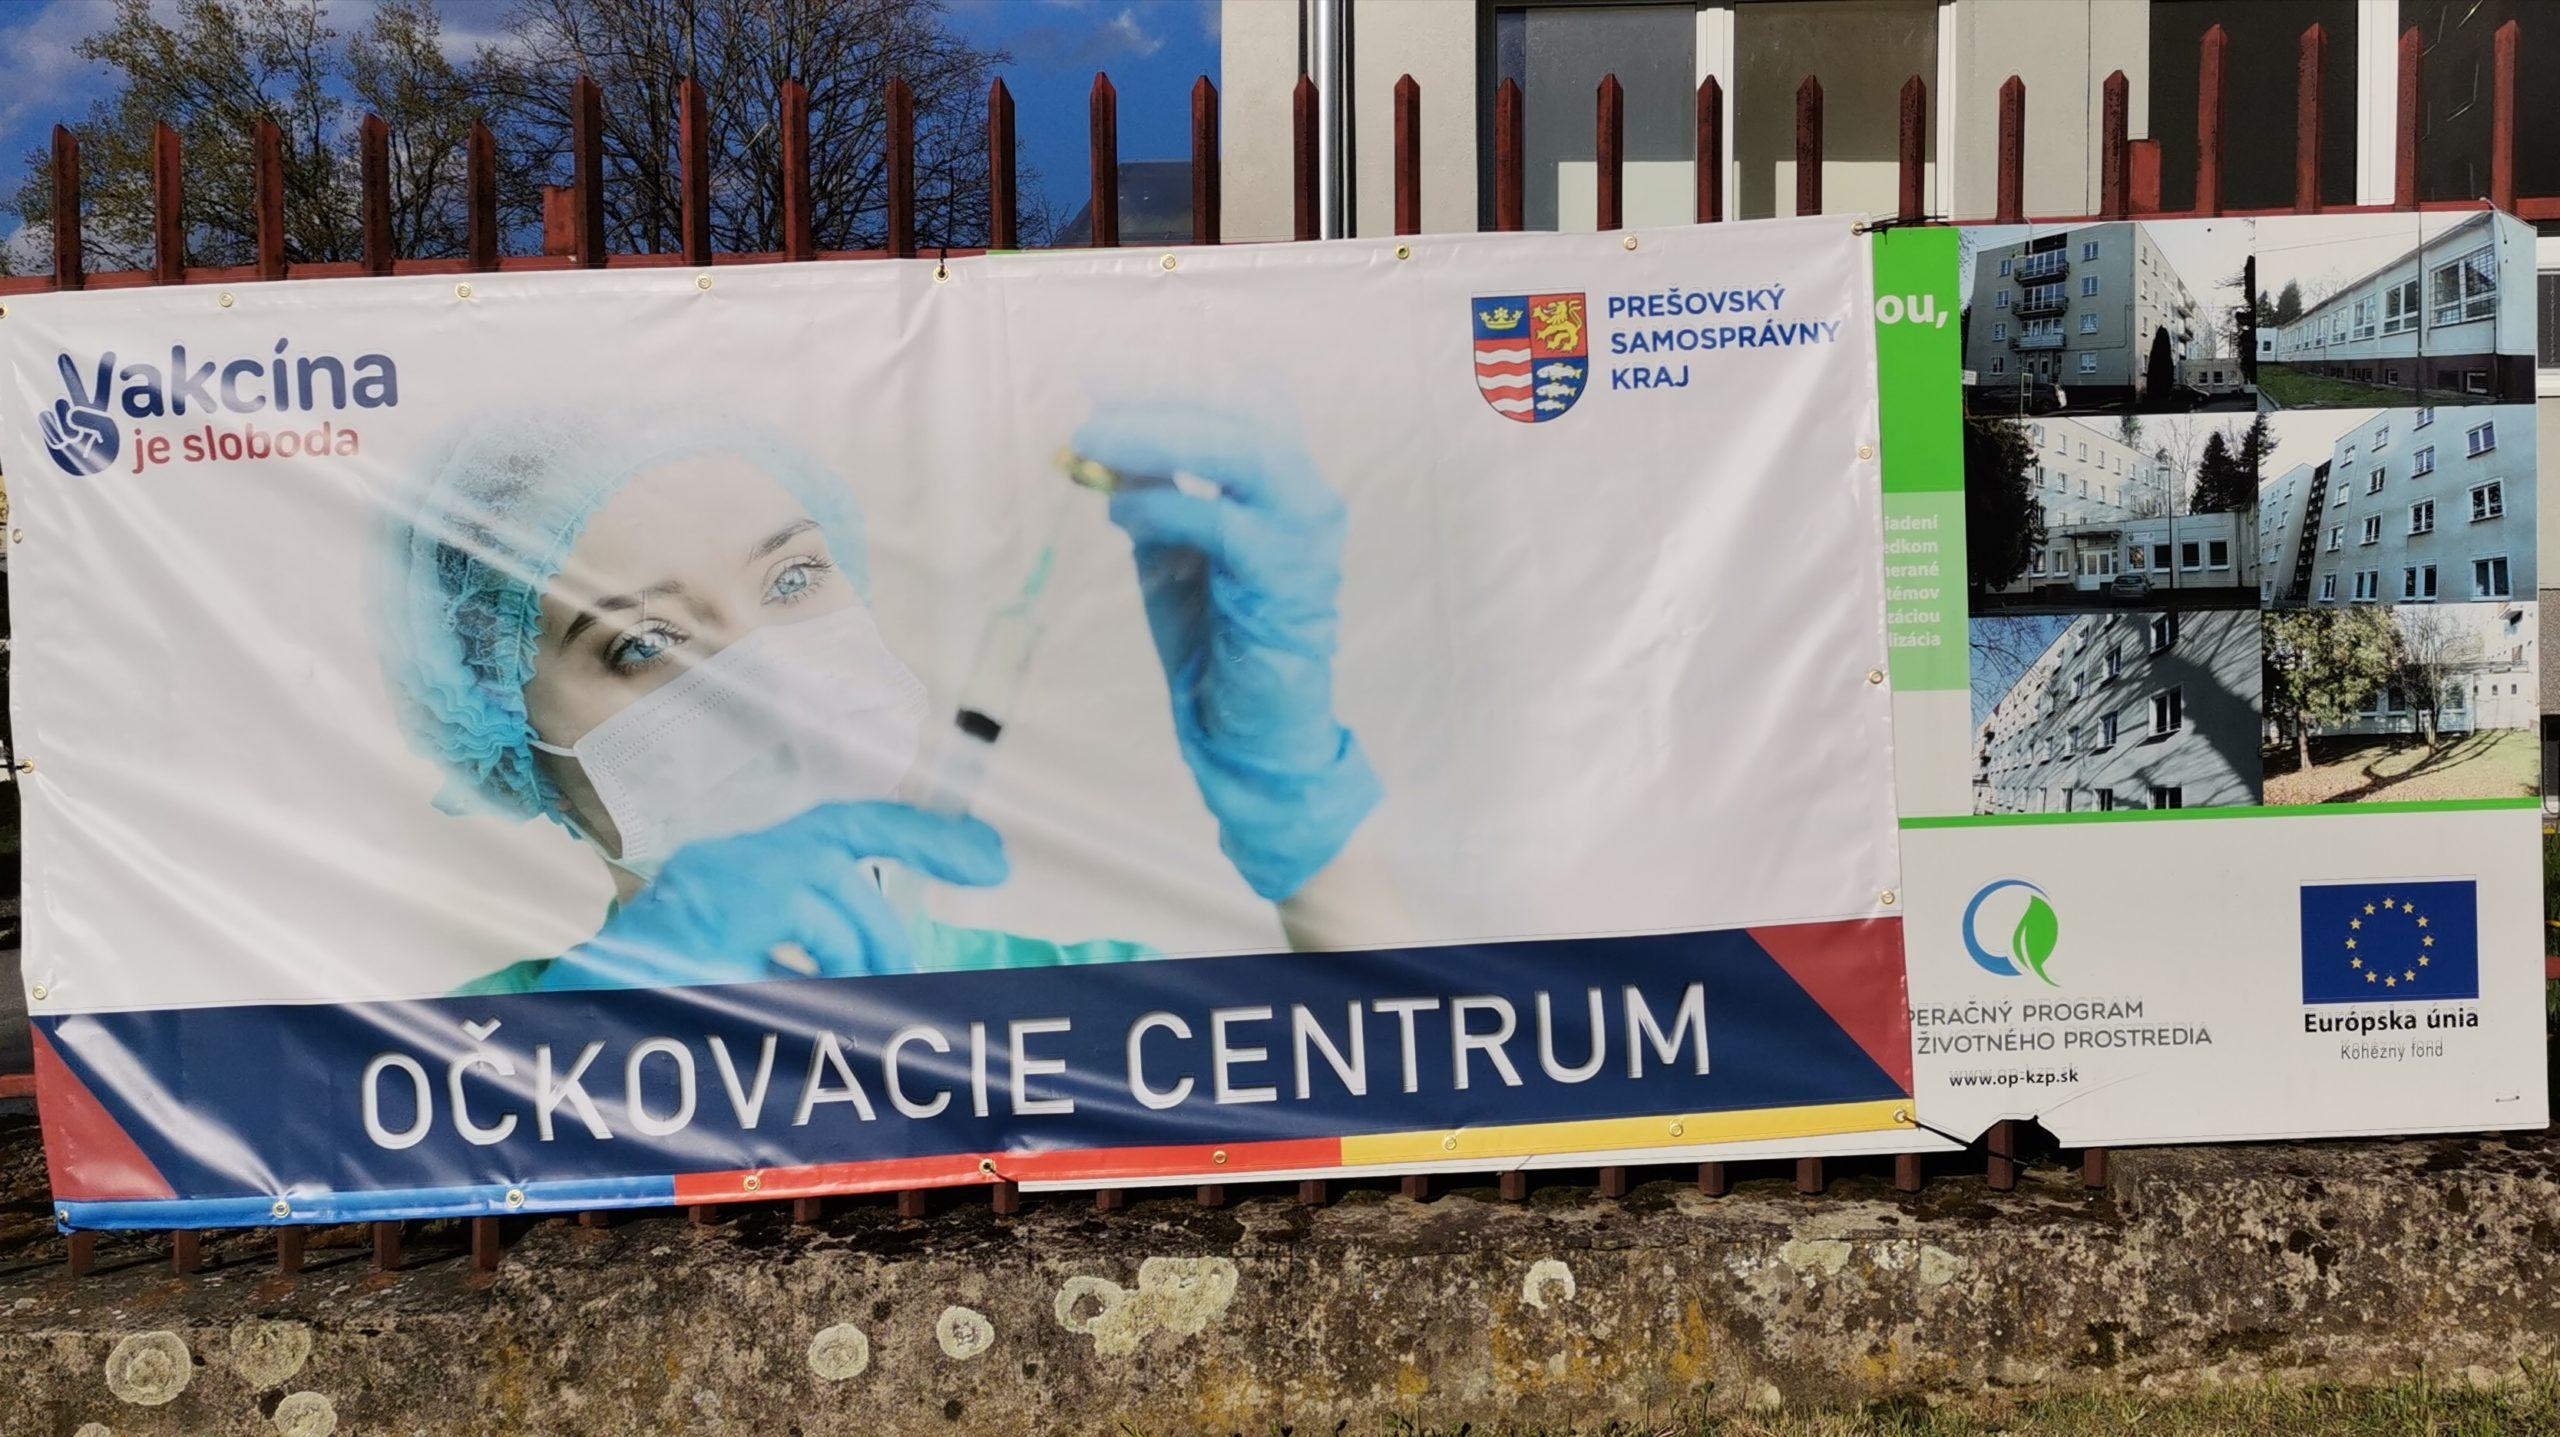 Nové veľkokapacitné očkovacie centrum v Bardejove je od soboty konečne realitou! Kraj spúšťa mobilné očkovanie po obciach.